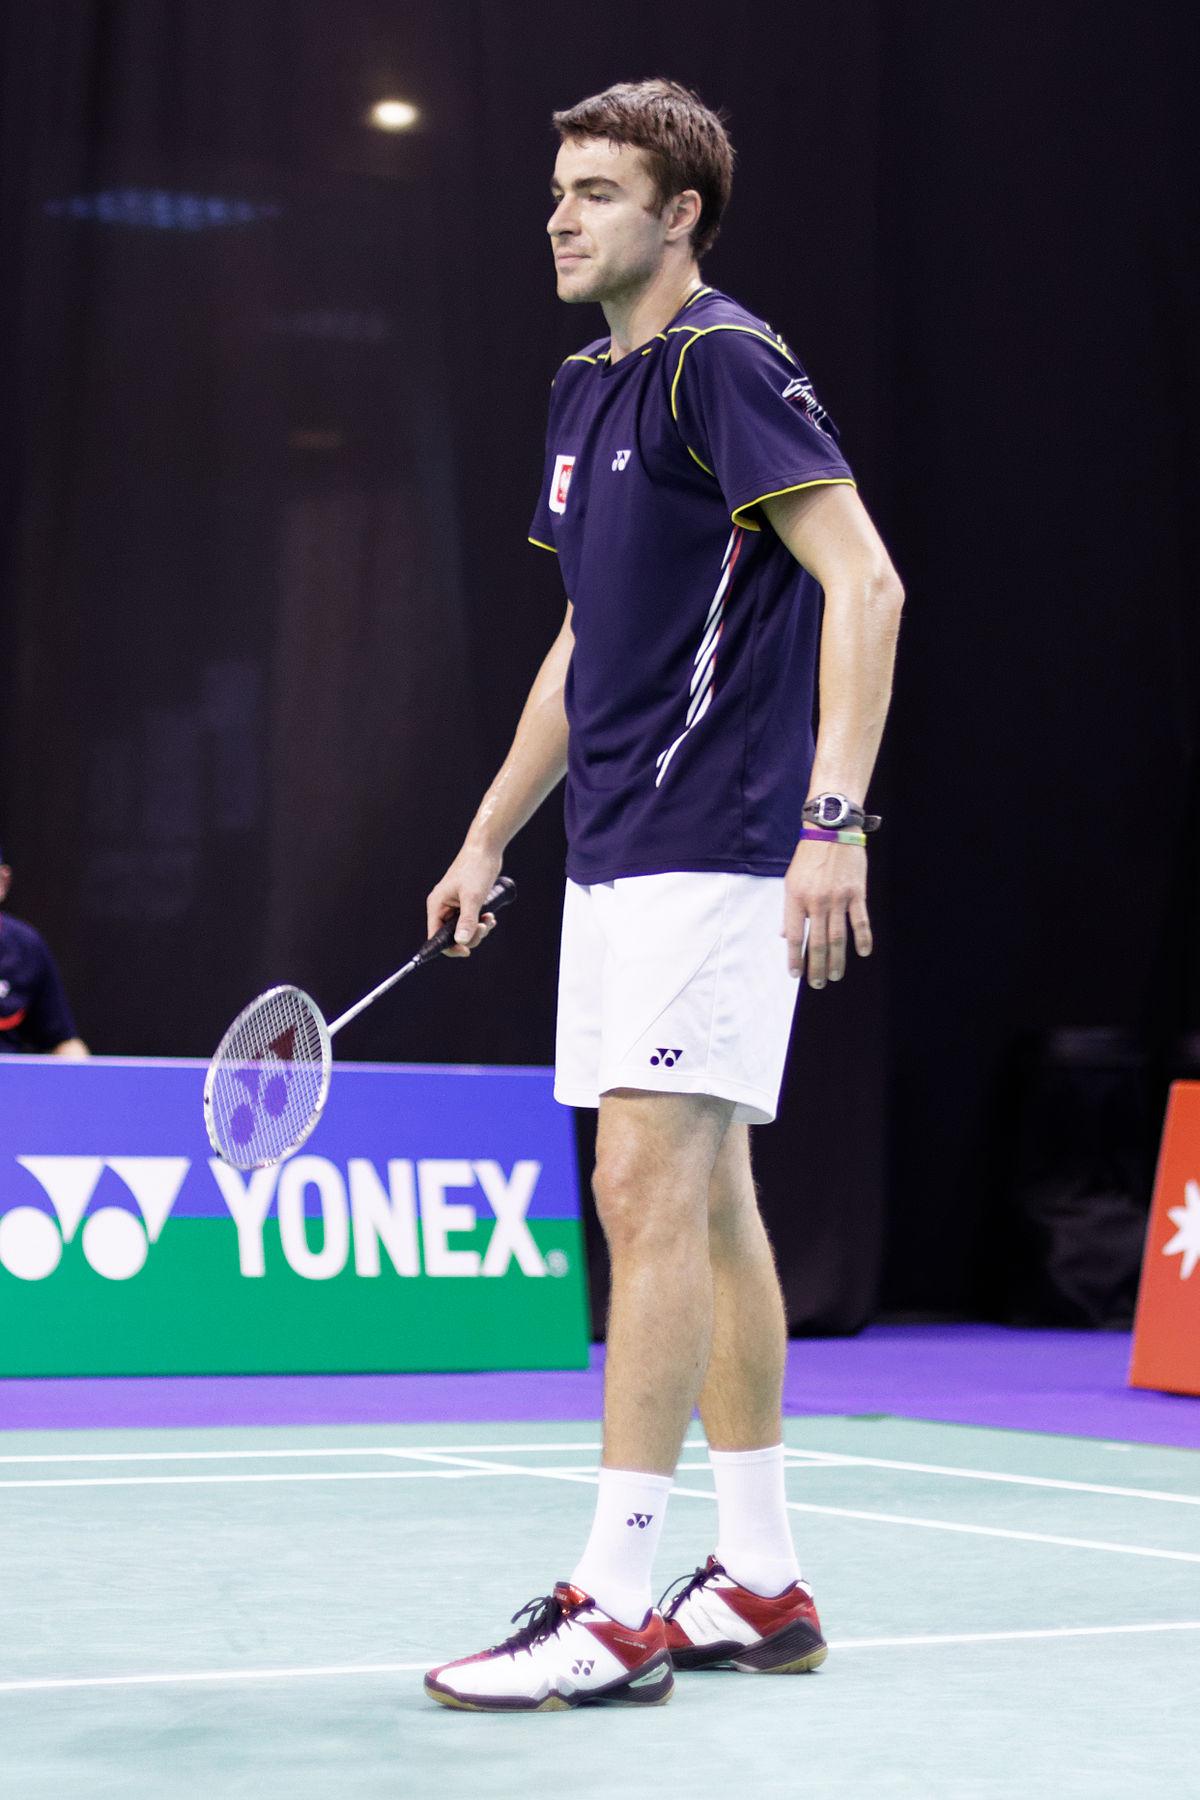 Wojciech Szkudlarczyk